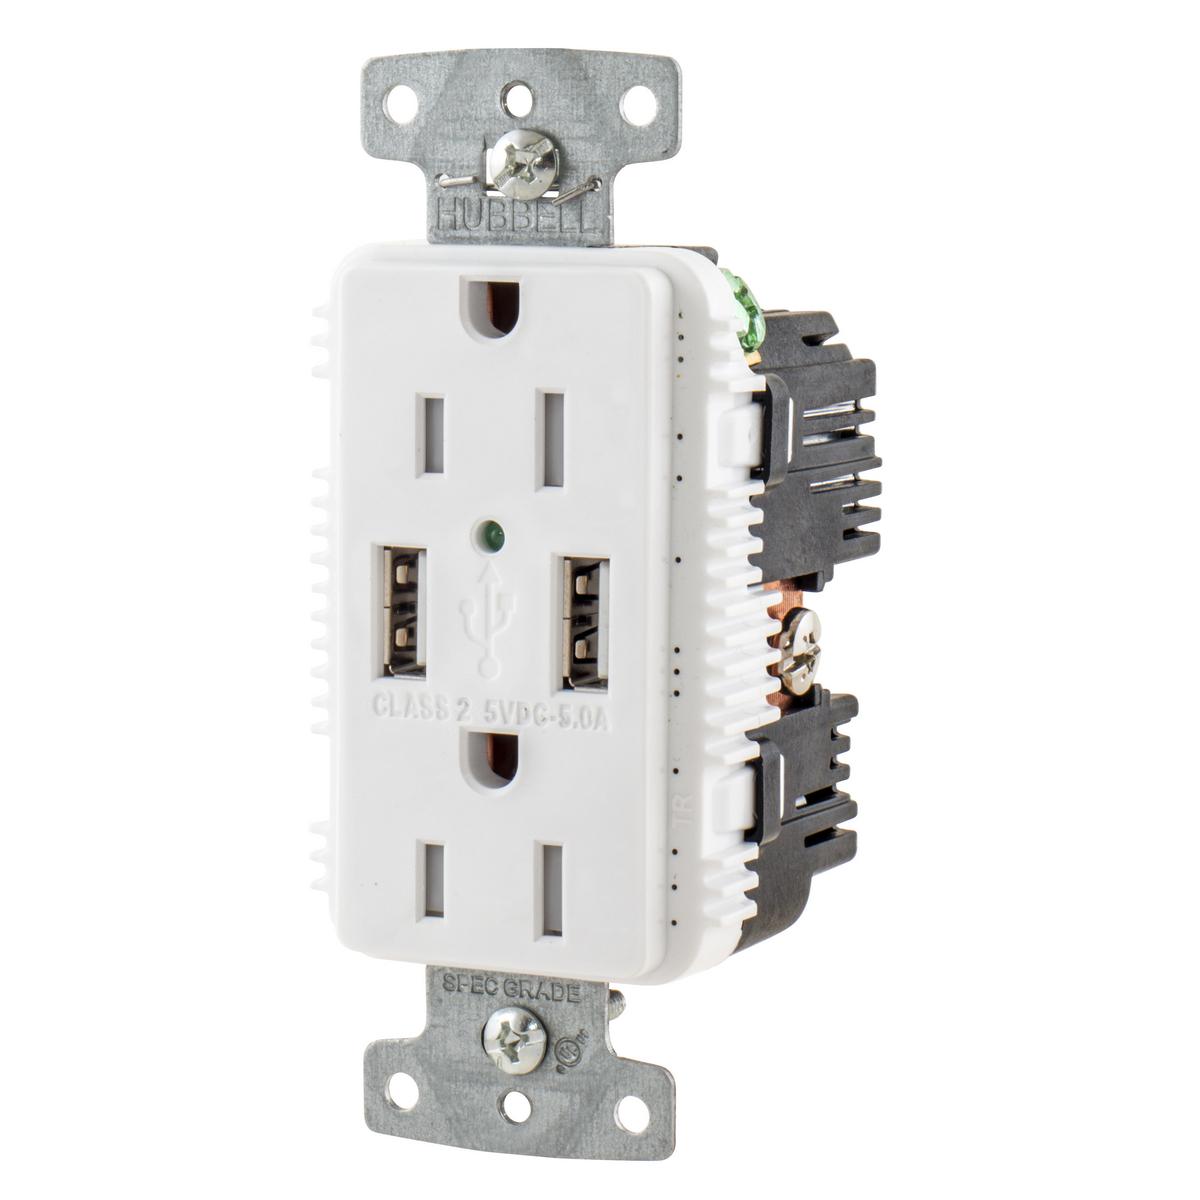 Hubbell USB15A5W Receptacle DUP 15A 125V 5A 5V USB PORT A WH